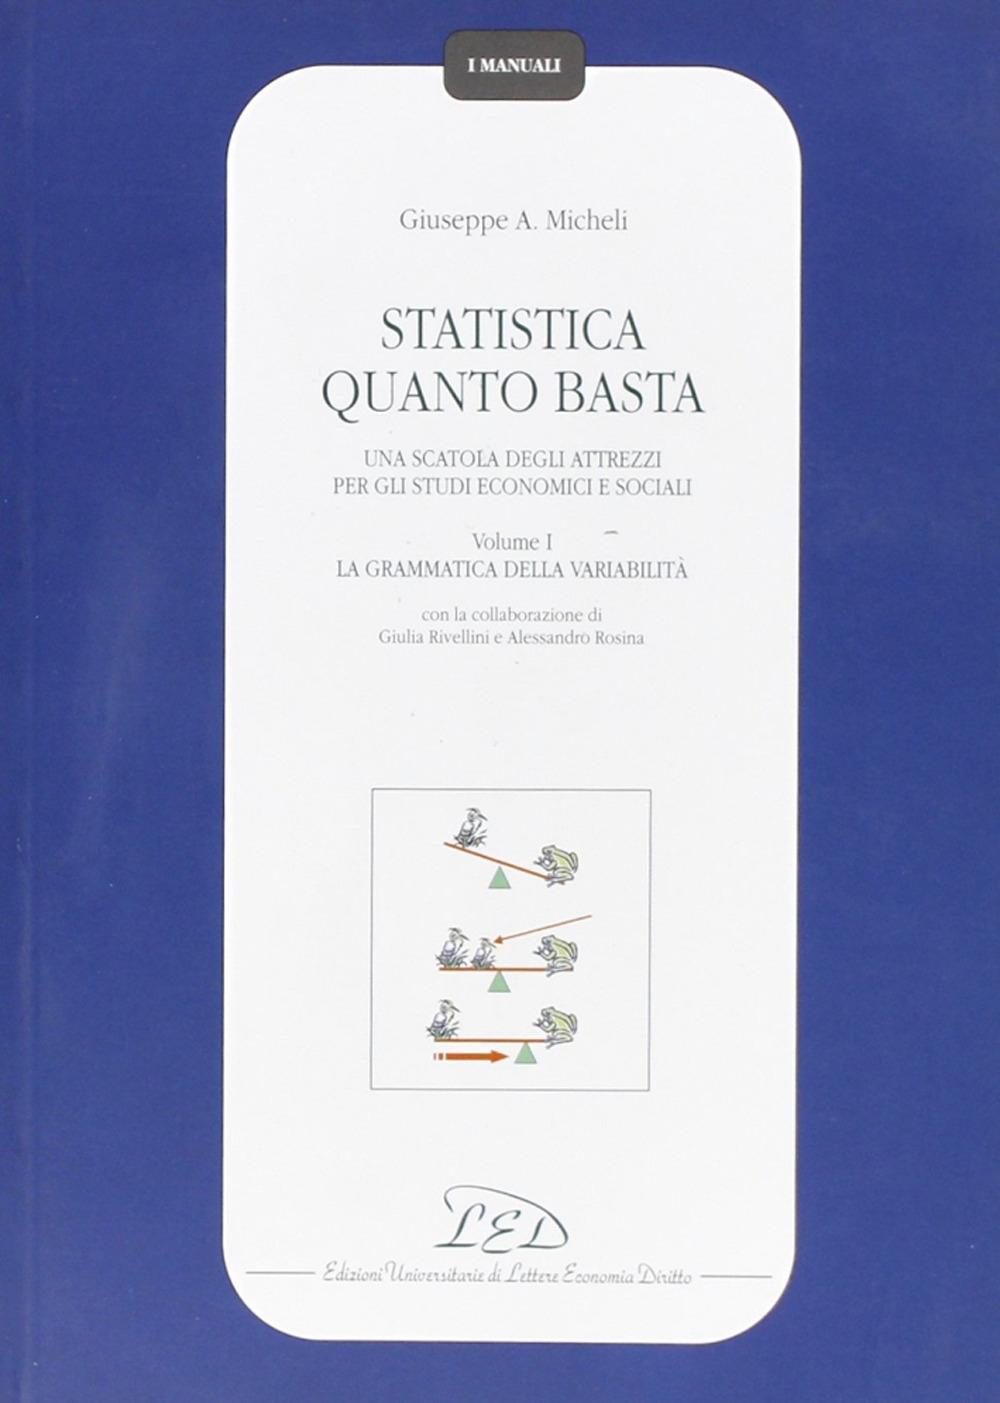 Statistica quanto basta. Una scatola degli attrezzi per gli studi economici e sociali. Vol. 1: La grammatica della variabilità